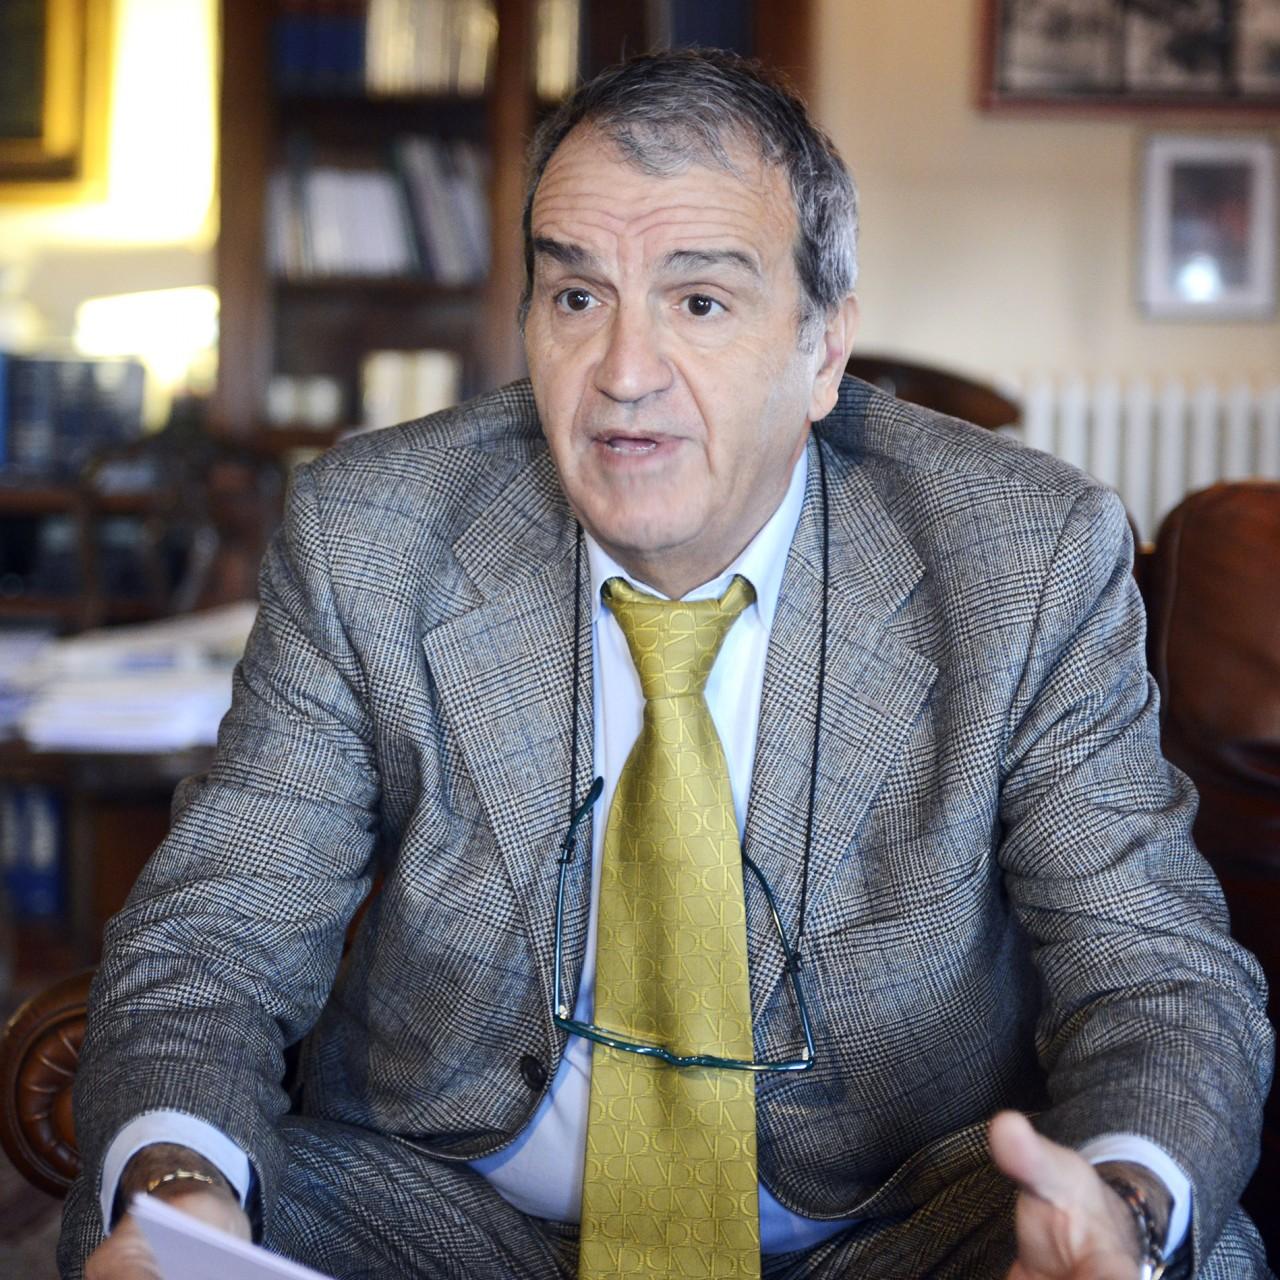 Scadenza termini aedes parlamentari pd chiedono proroga for Elenco parlamentari pd